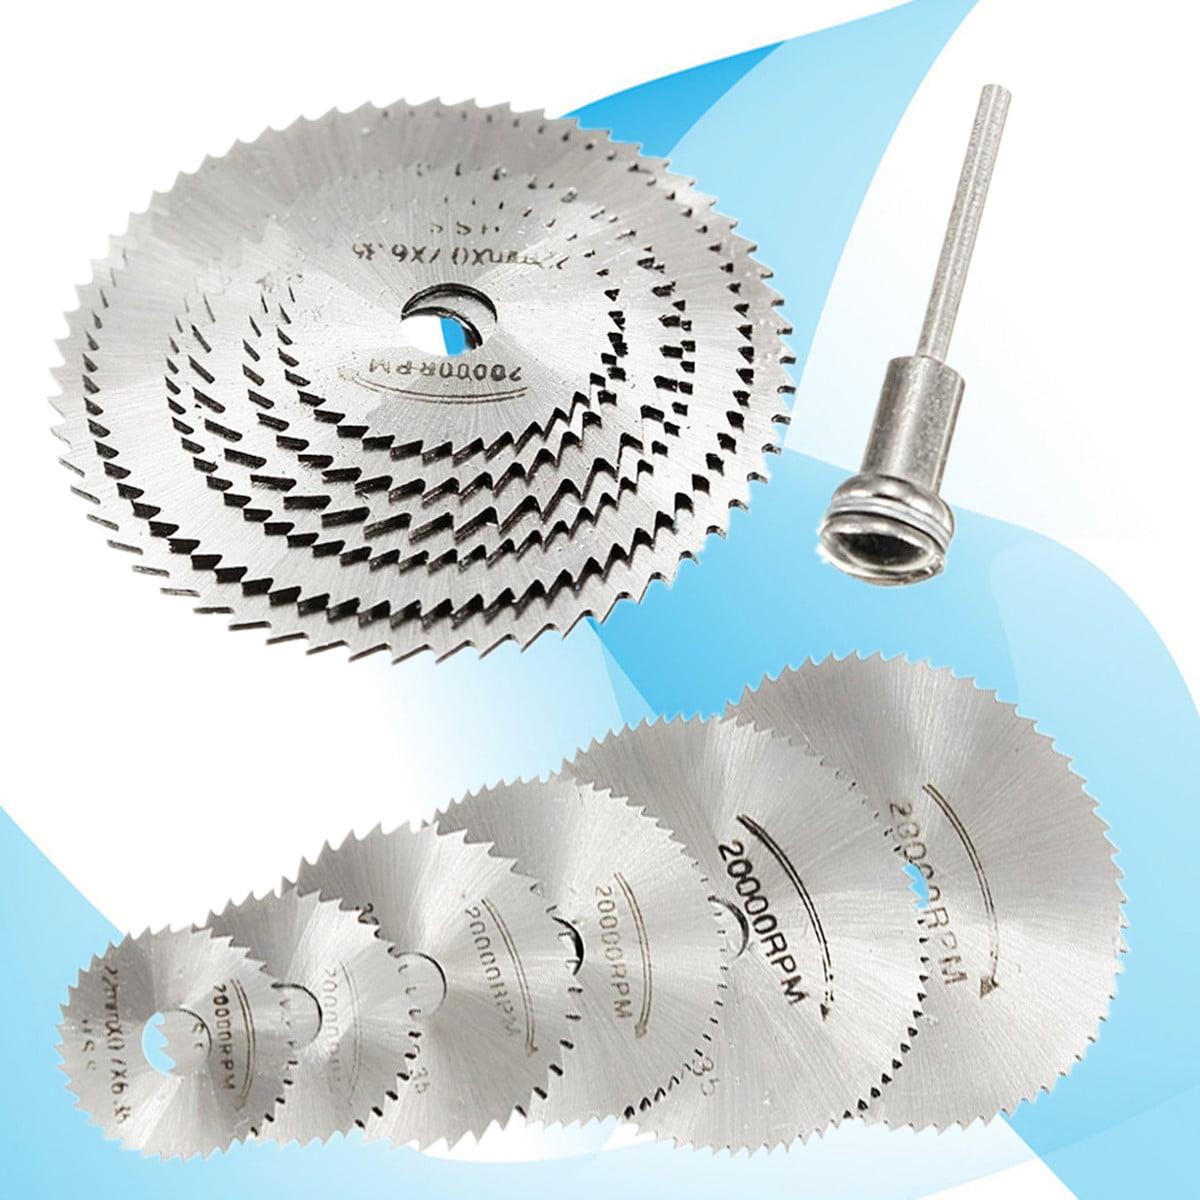 25mm HSS Circular Saw Blade Rotary Tool Cutoff Wheel Cutting Disc with Mandrel